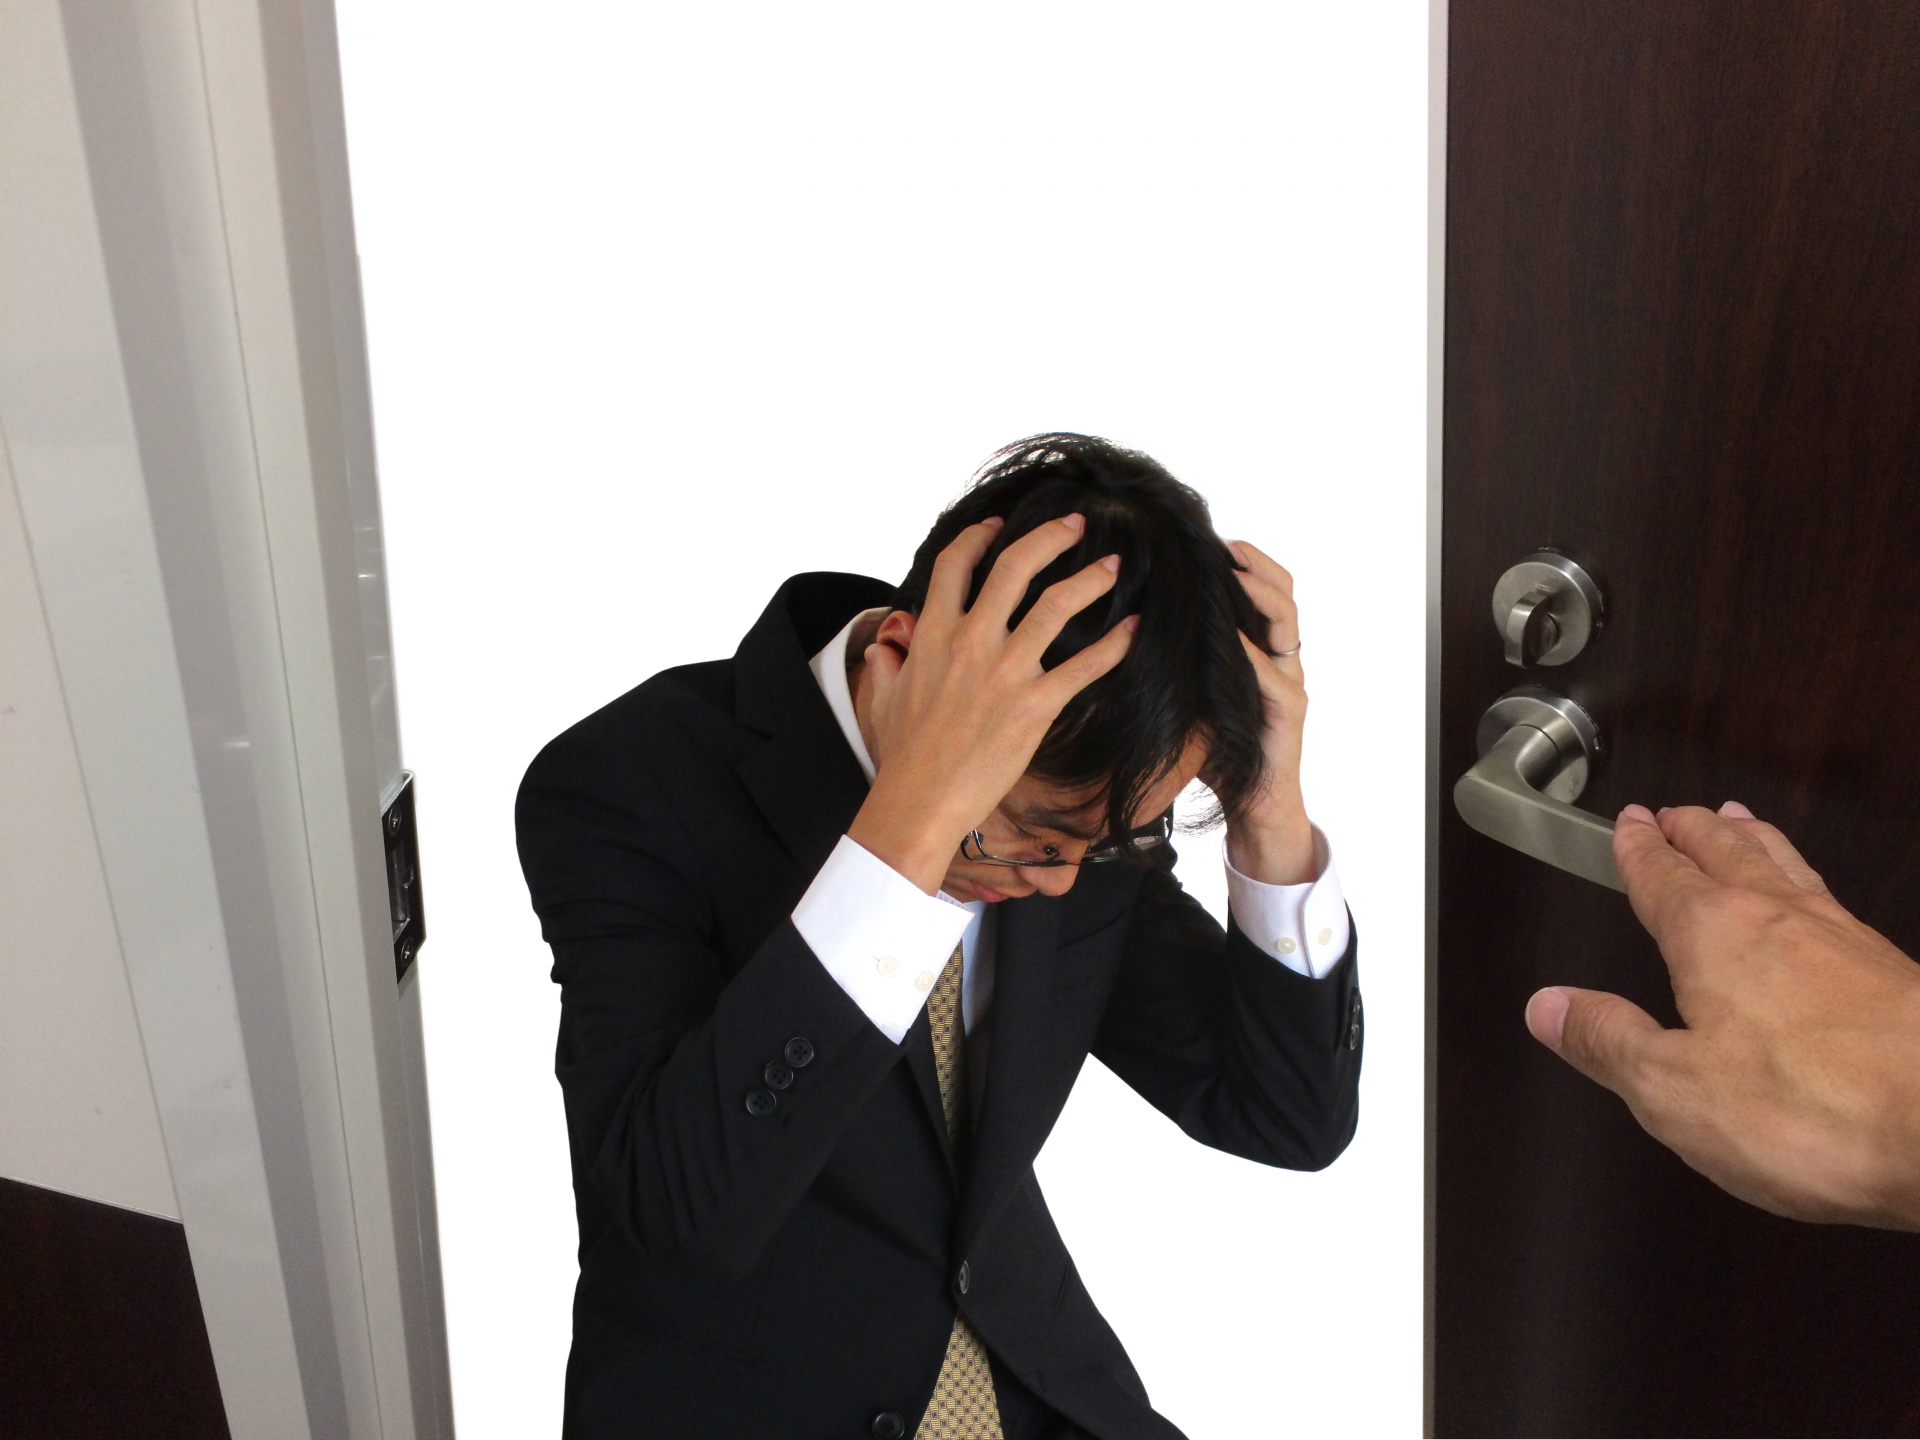 うつ病でずっと寝てる状態に!豆腐メンタルのせい?叱責する上司のせい?